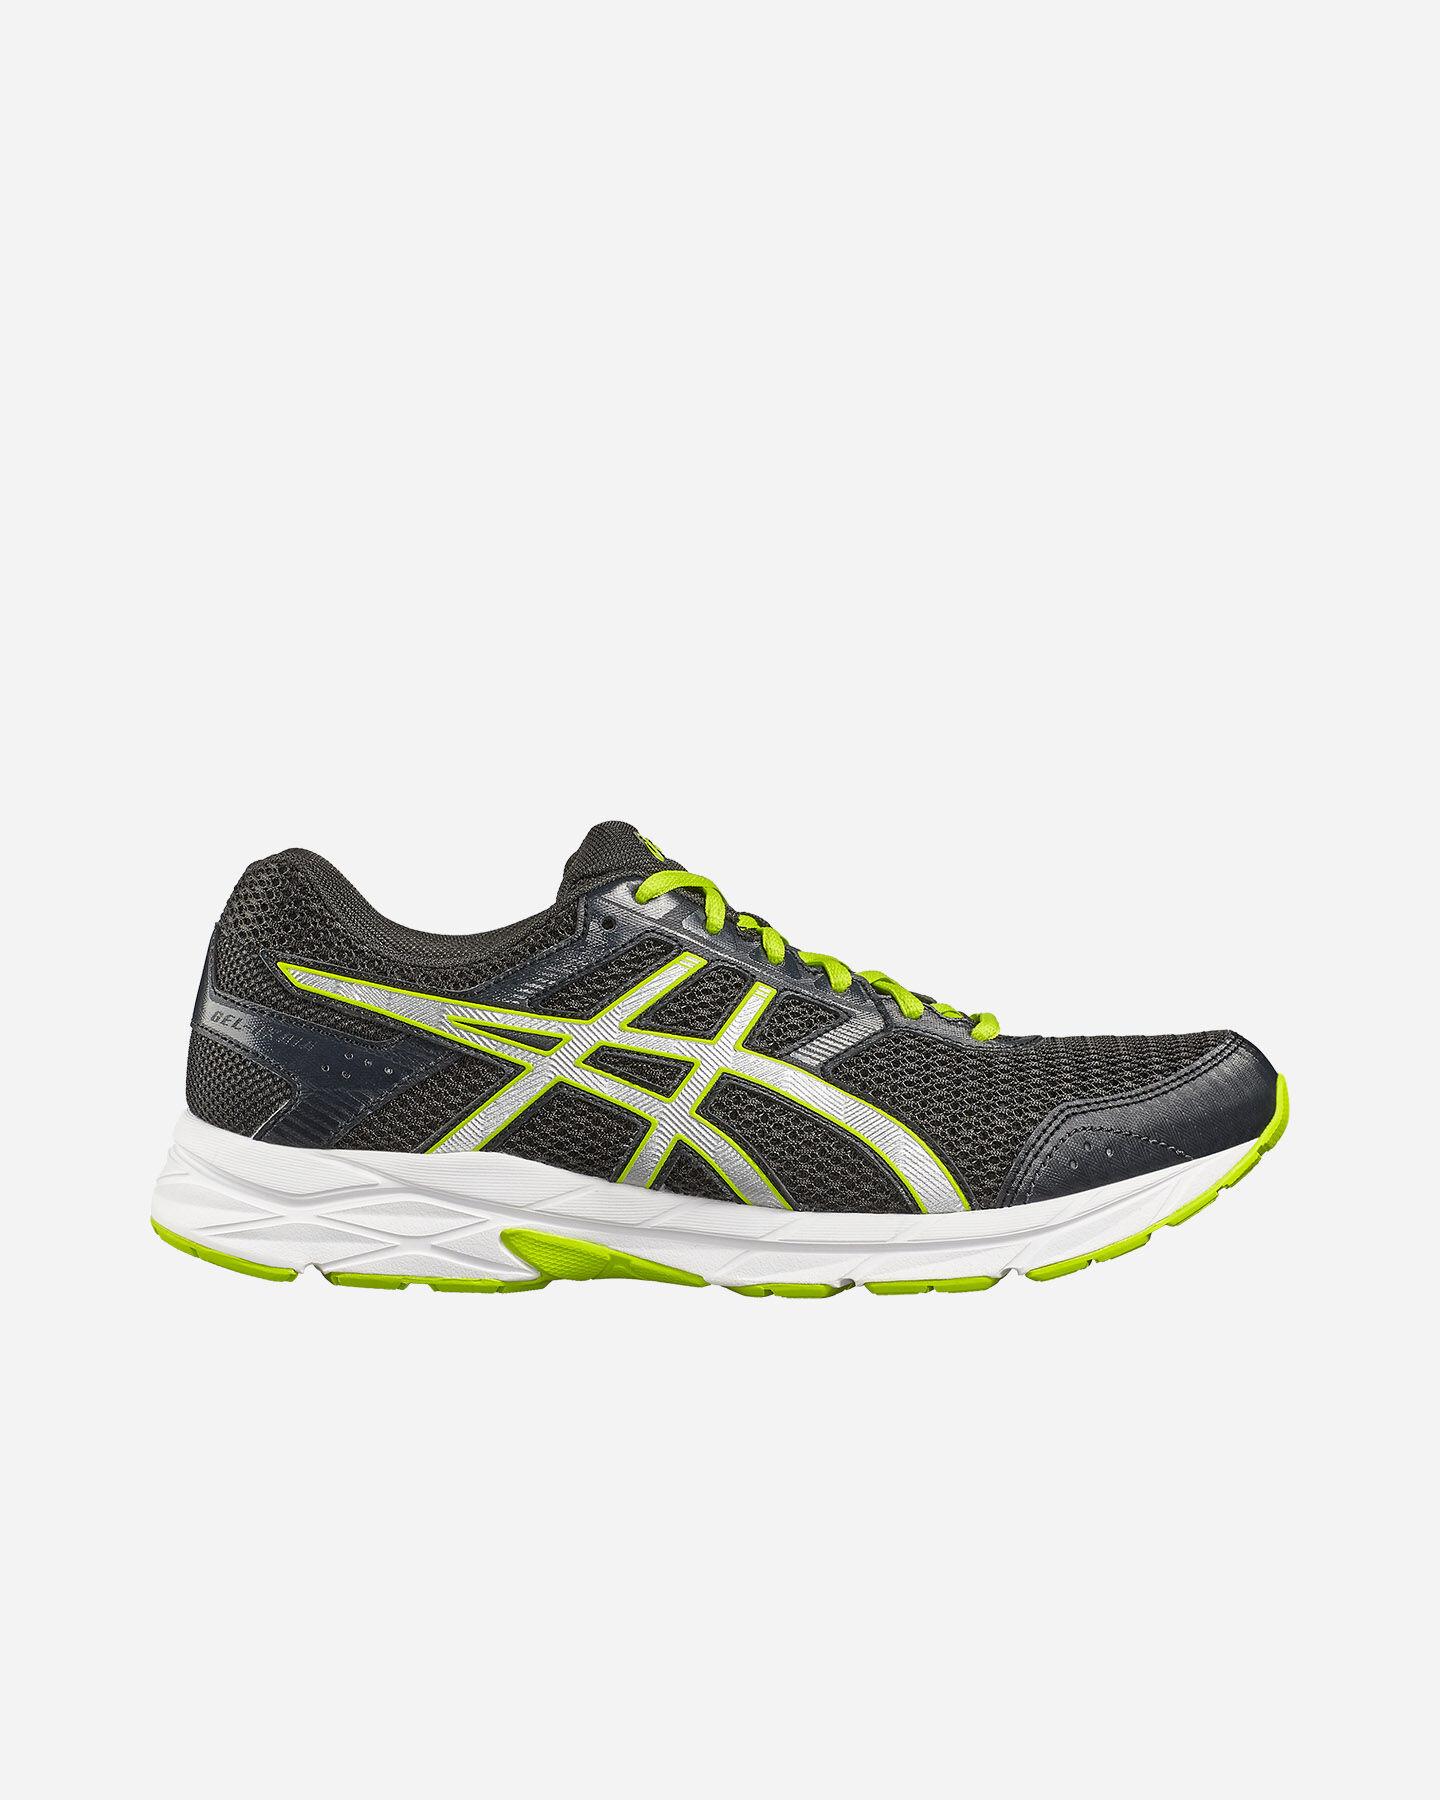 ASICS GEL DEDICATE 3 Scarpe Da Corsa Jogging Scarpe Sportive Sneaker Scarpe a partire da 35INI5dm